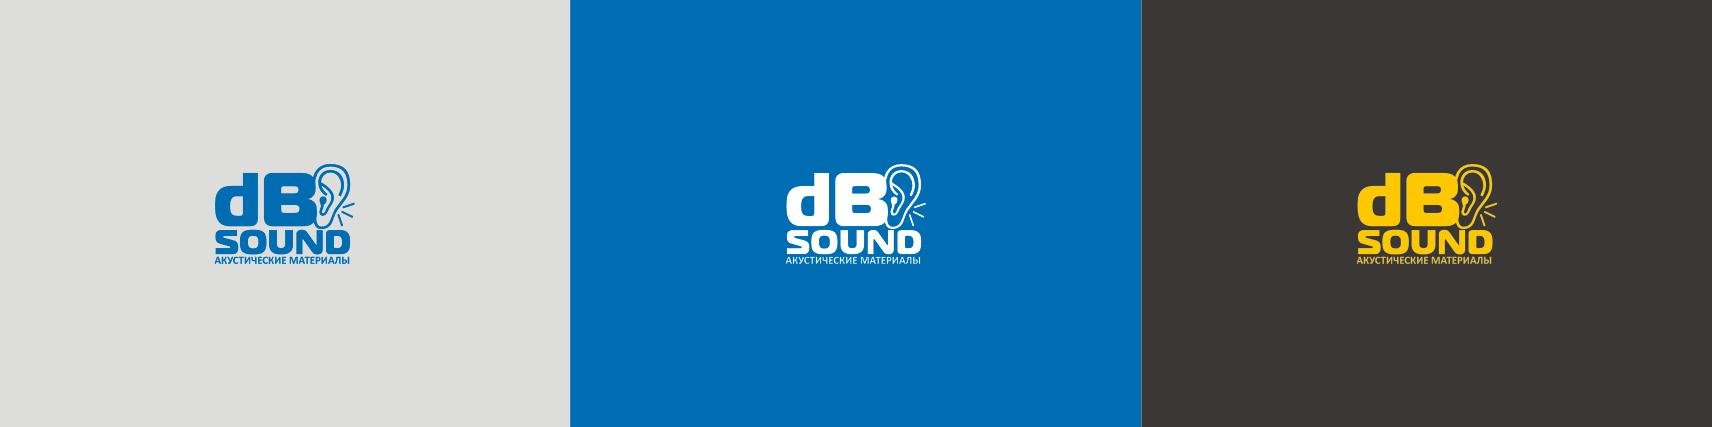 Создание логотипа для компании dB Sound фото f_48359b7924ca733f.png